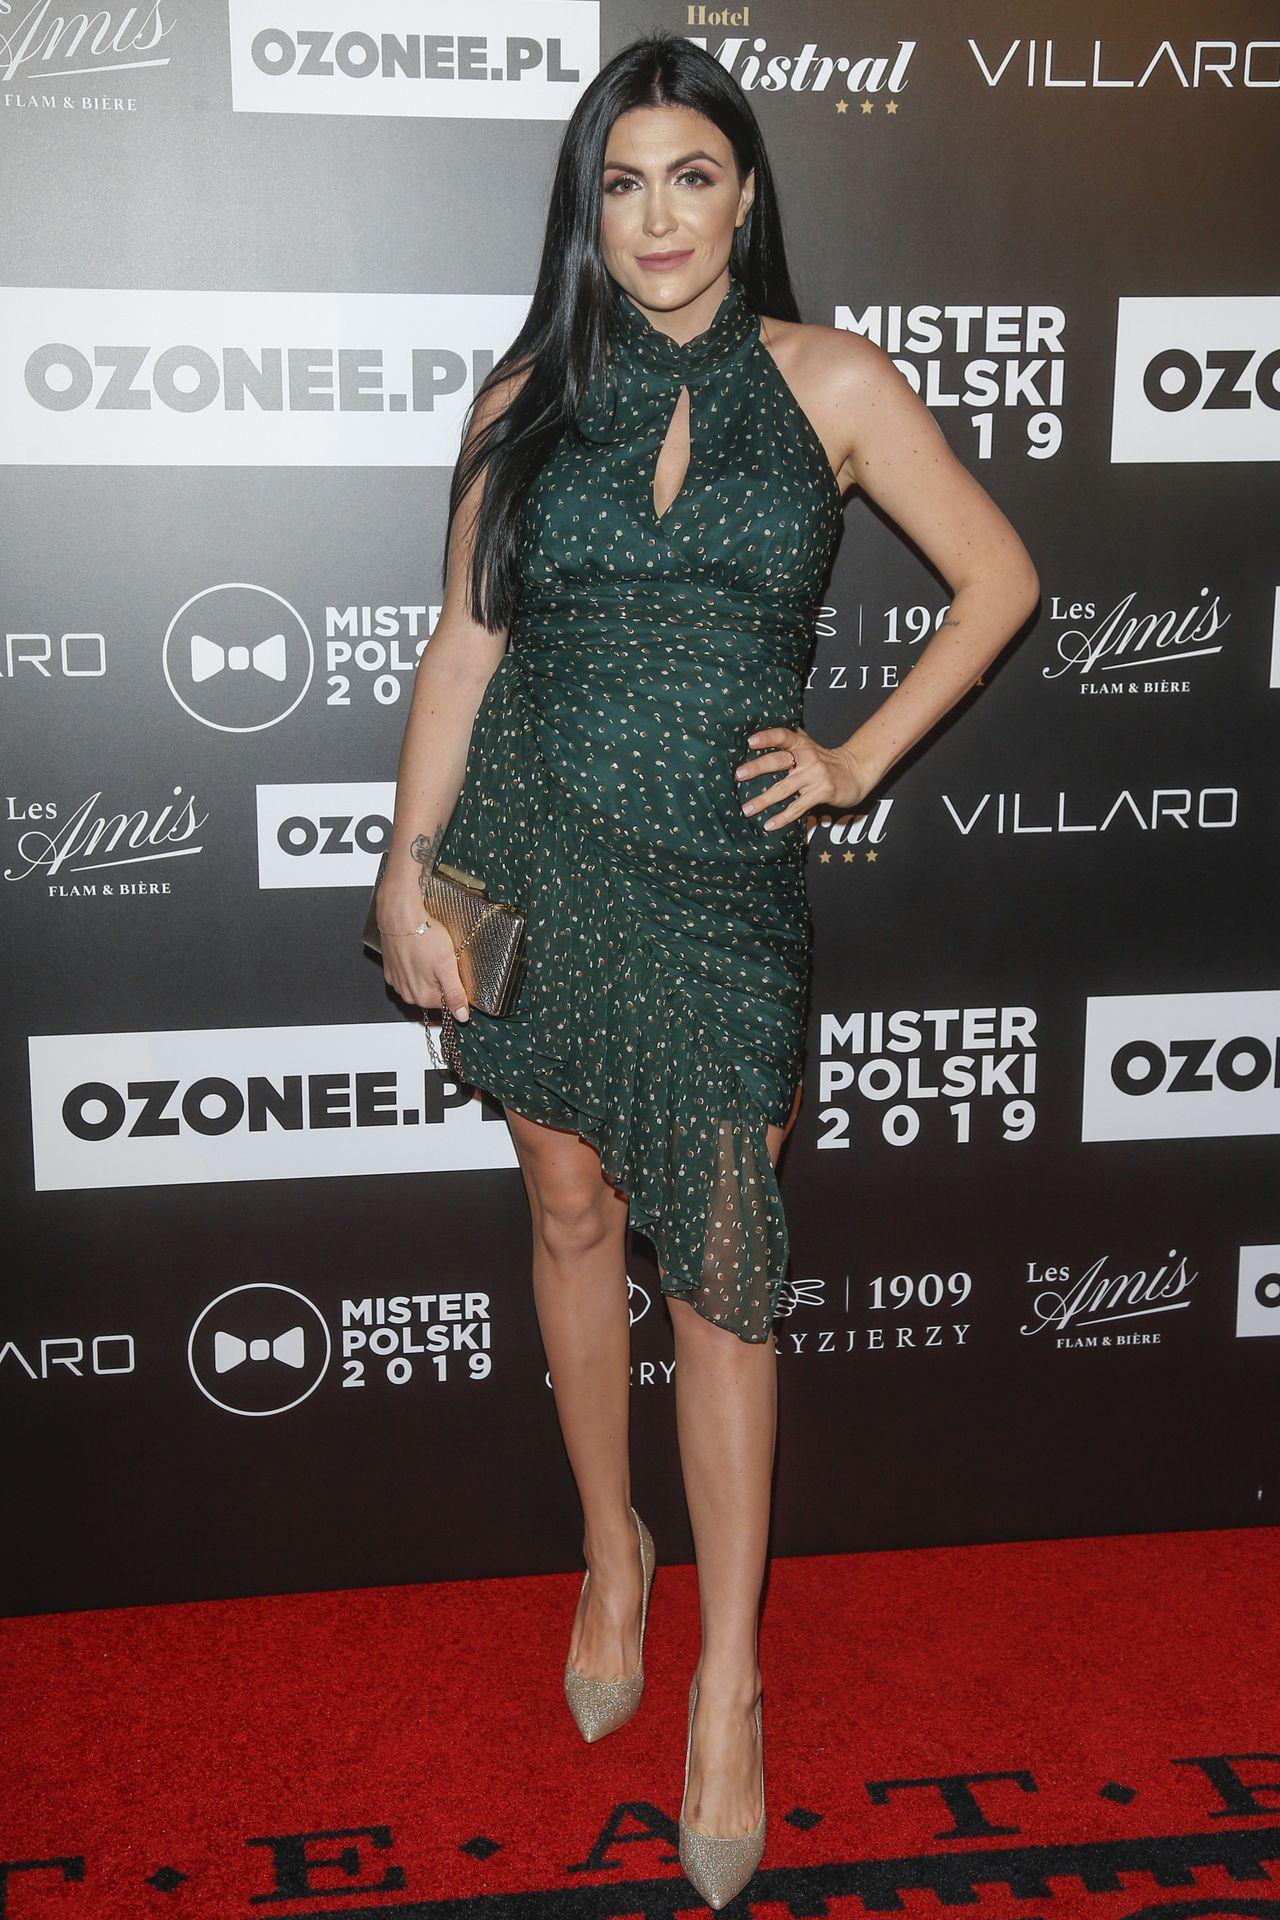 Magdalena Pyznar